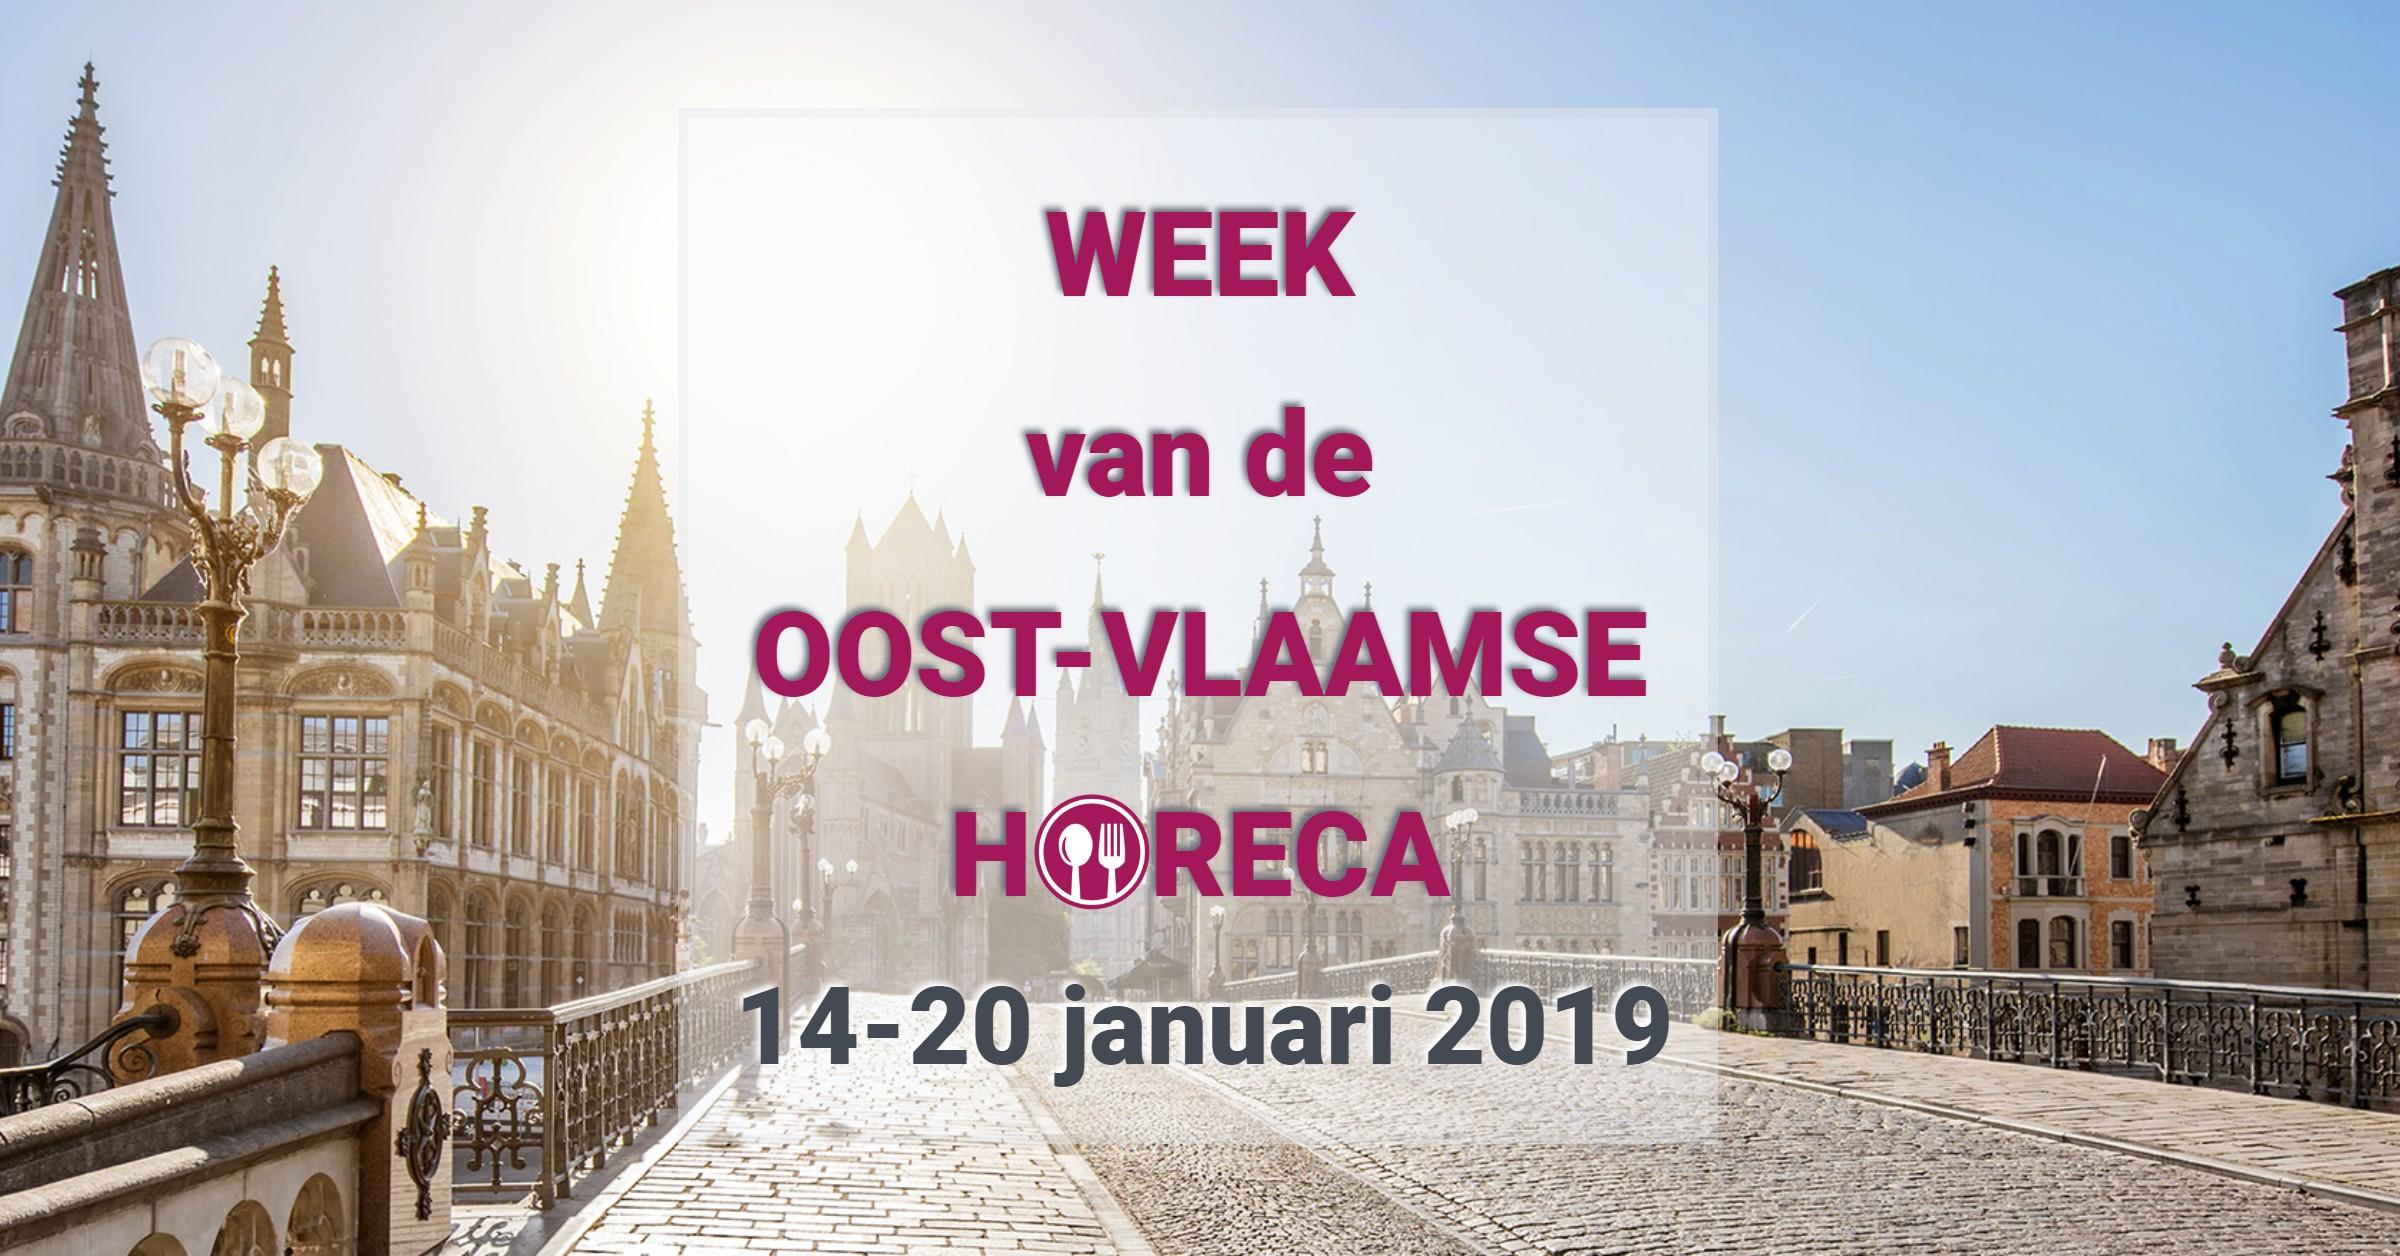 Week van de Oost-Vlaamse Horeca